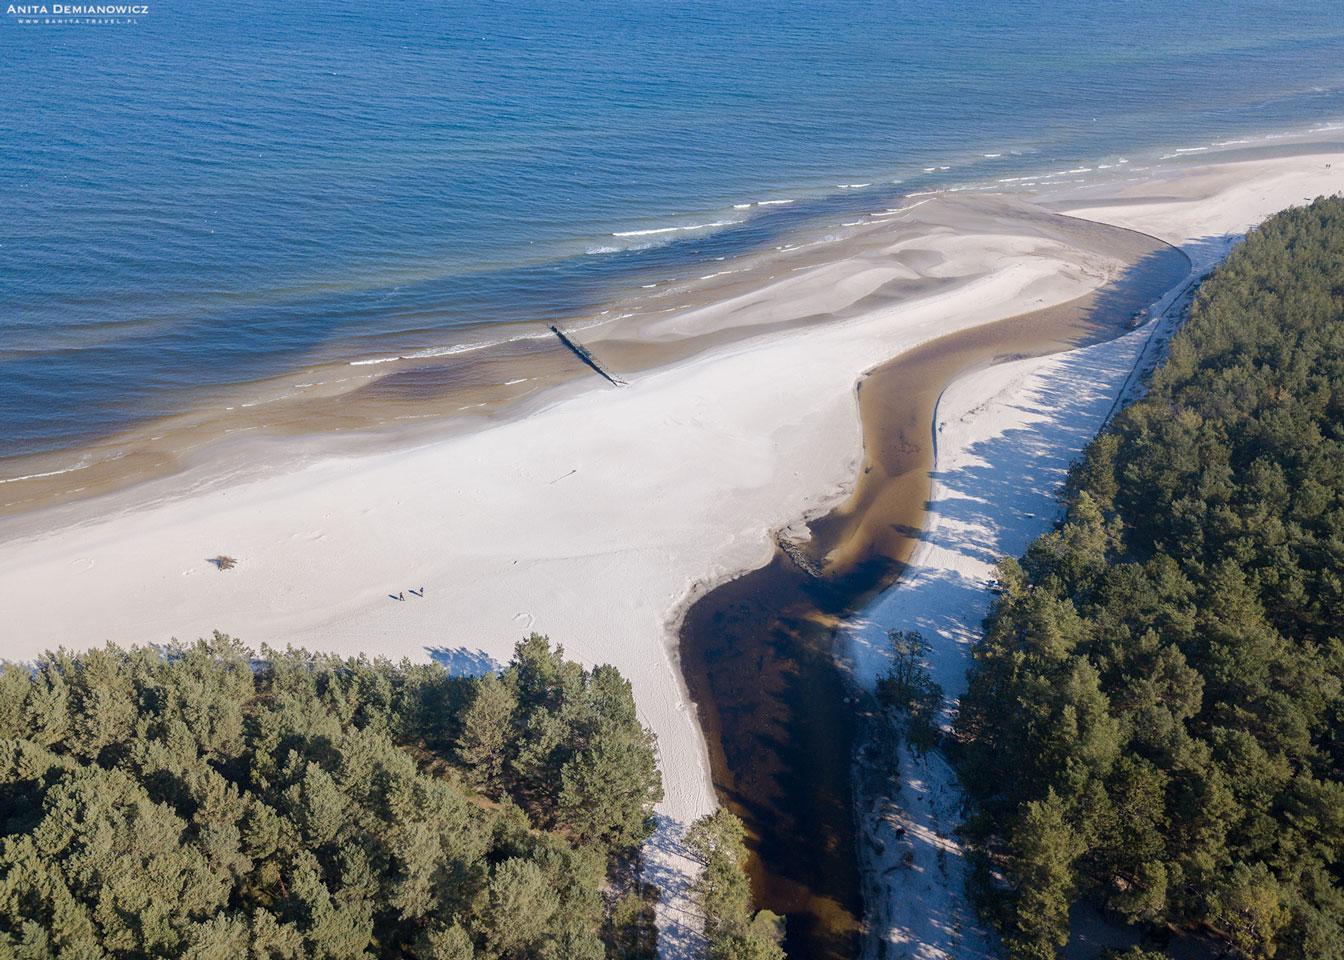 Ujście rzeki Piaśnicy